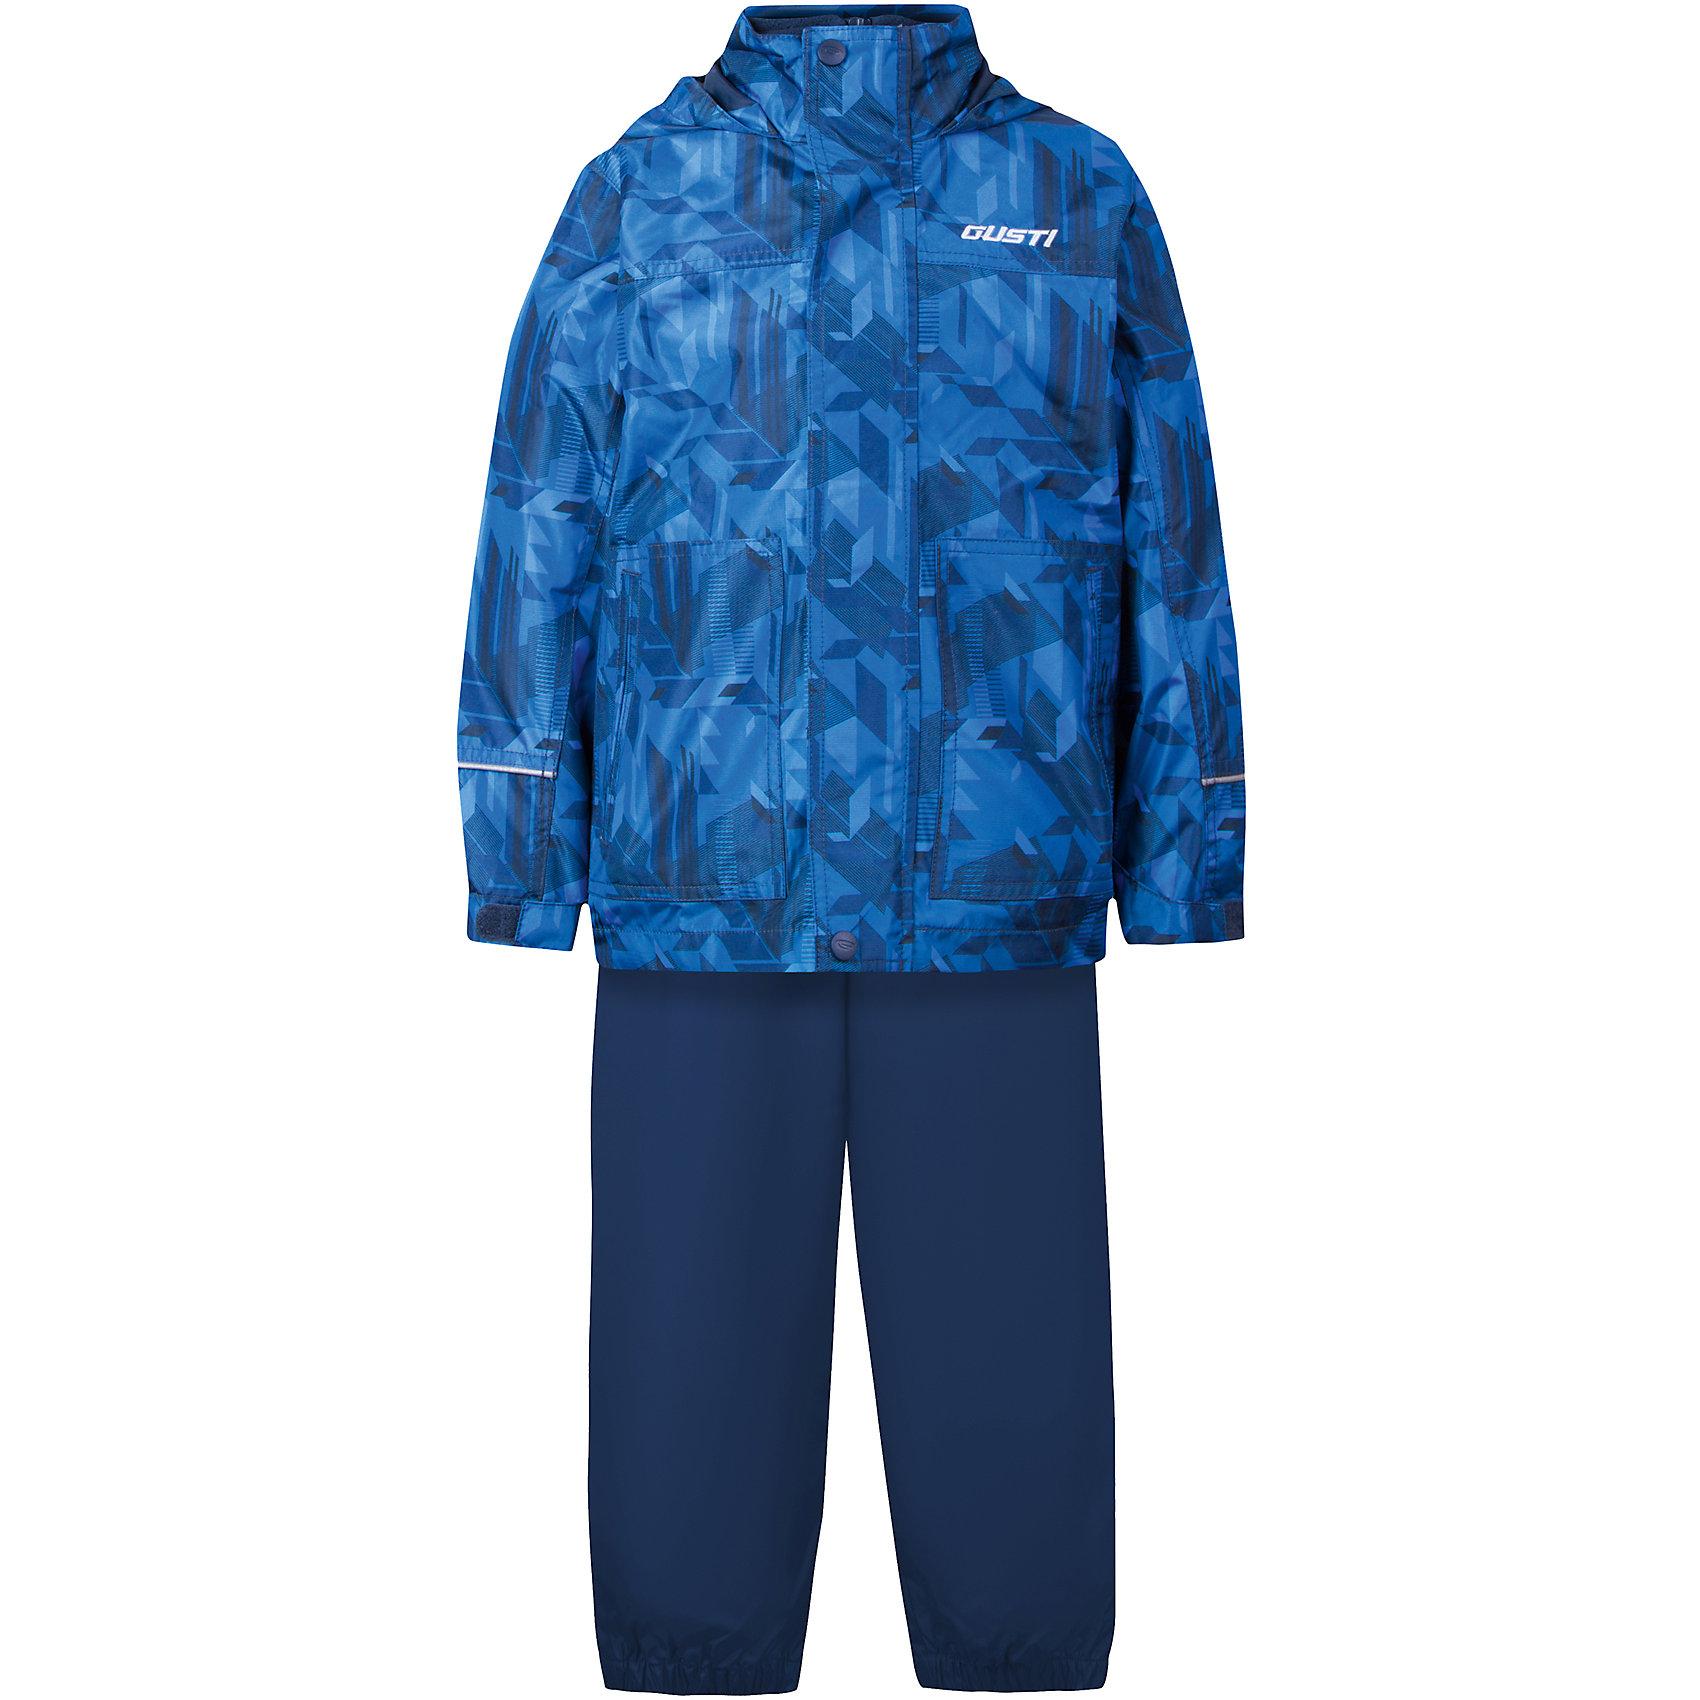 Комплект: куртка, толстовка и брюки для мальчика GustiВерхняя одежда<br>Характеристики товара:<br><br>• цвет: синий<br>• куртка: 100% полиэстер, съёмная флисовая толстовка: 100% полиэстер<br>• брюки: верх 100% полиэстер, подкладка 100% х/б<br>• без утеплителя<br>• комплектация: куртка, съемная флисовая подкладка, брюки<br>• температурный режим: от 0° С до +15° С<br>• водонепроницаемость: 2000 мм<br>• воздухопроницаемость: 2000 мм<br>• ветронепродуваемый<br>• капюшон не отстёгивается<br>• пять внешних карманов<br>• съемные подтяжки<br>• брючины эластичные<br>• светоотражающие элементы<br>• молния<br>• страна бренда: Канада<br><br>Этот демисезонный комплект из куртки, пристегивающейся к ней толстовки из флиса, и штанов поможет обеспечить ребенку комфорт и тепло. Предметы удобно садятся по фигуре, отлично смотрятся с различной обувью. Комплект очень модно выглядит, он хорошо защищает от ветра и влаги. Материал отлично подходит для дождливой погоды. Стильный дизайн разрабатывался специально для детей.<br><br>Комплект: куртка, толстовка и брюки для мальчика от известного бренда Gusti (Густи) можно купить в нашем интернет-магазине.<br><br>Ширина мм: 356<br>Глубина мм: 10<br>Высота мм: 245<br>Вес г: 519<br>Цвет: синий<br>Возраст от месяцев: 18<br>Возраст до месяцев: 24<br>Пол: Мужской<br>Возраст: Детский<br>Размер: 92,128,140,152,98,100,104,110,116,120,122<br>SKU: 5452362